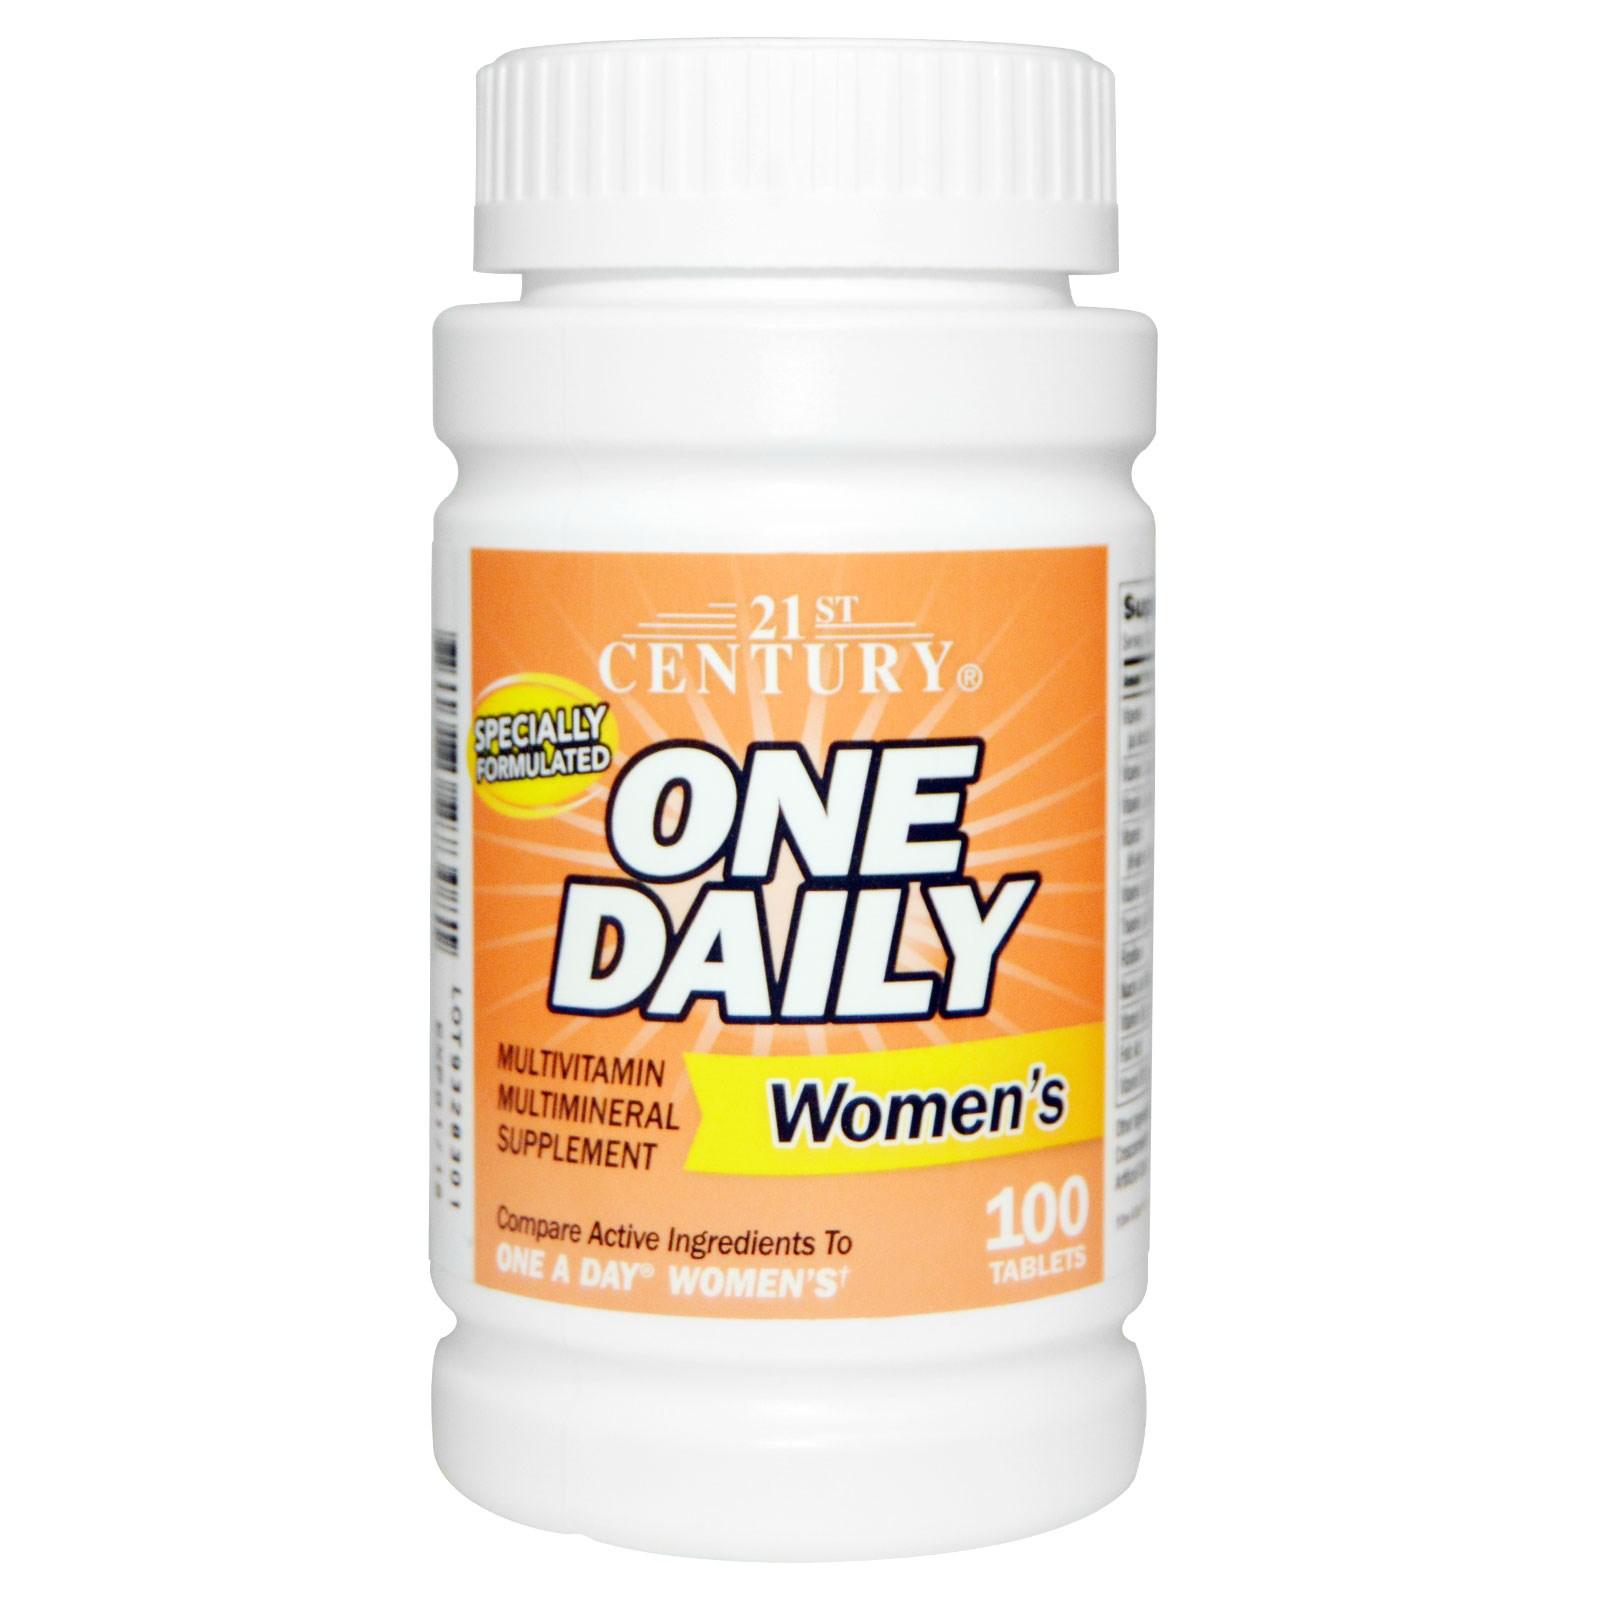 Витаминный комплекс One Daily для женщин, 21st Century, в таблетках (100 штук)